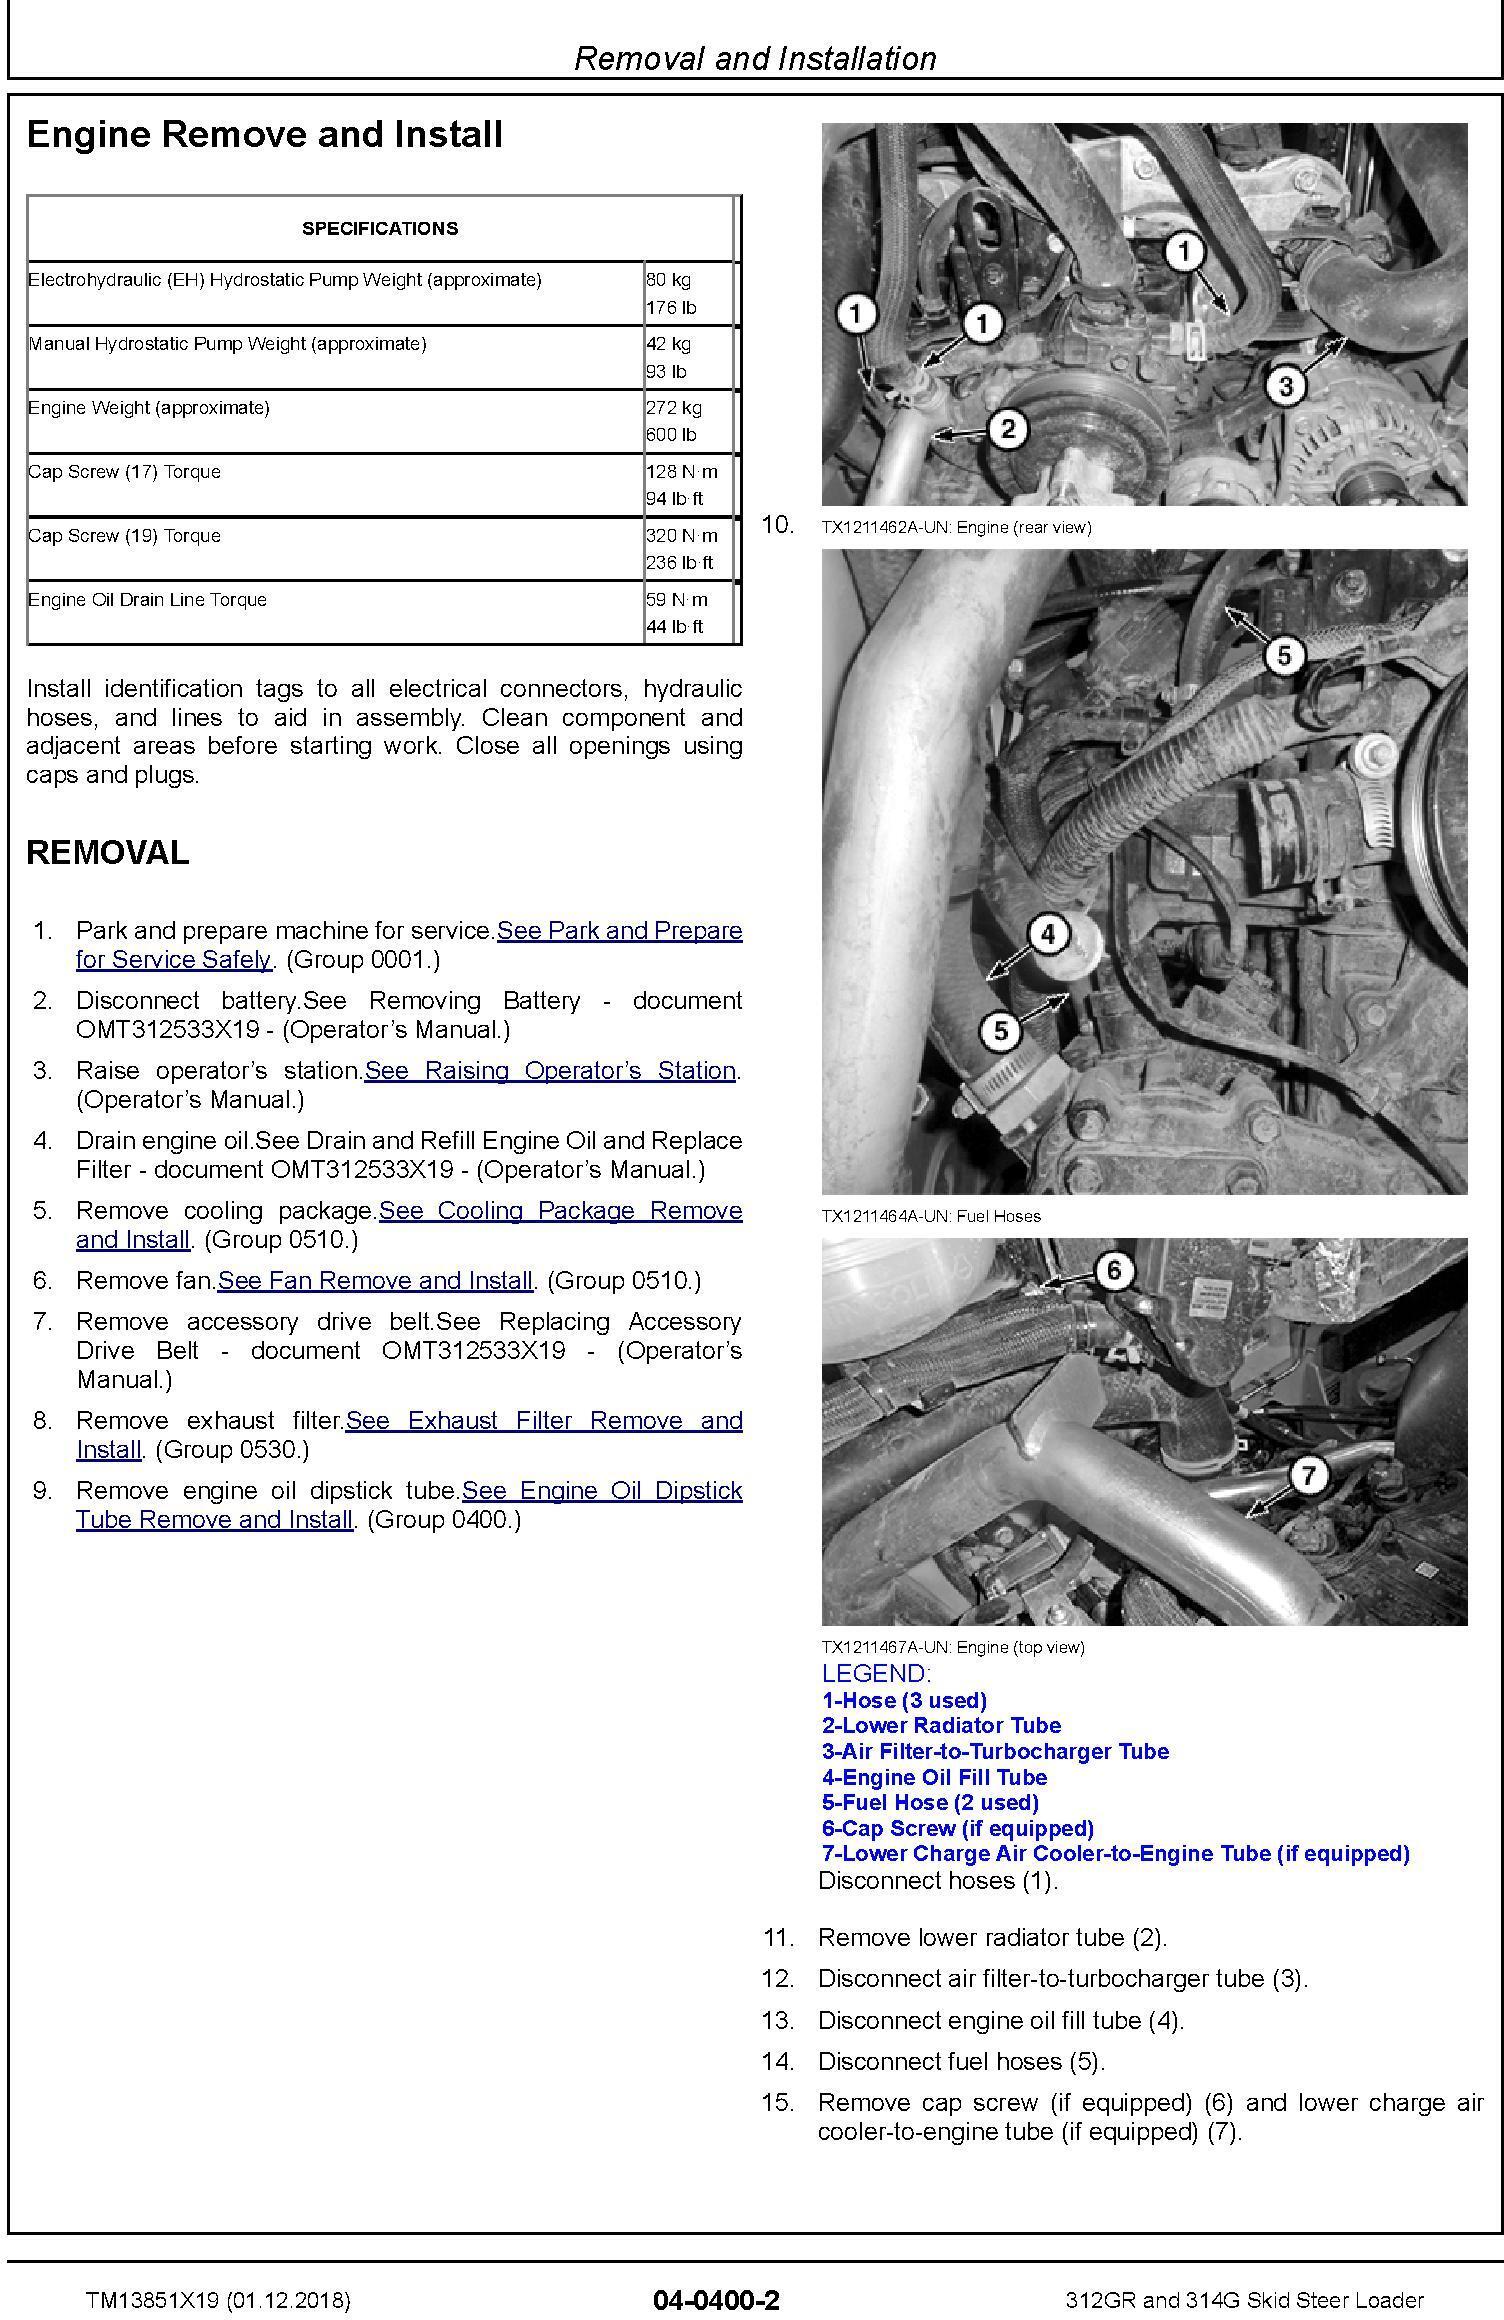 John Deere 312GR and 314G Skid Steer Loader Repair Service Manual (TM13851X19) - 3